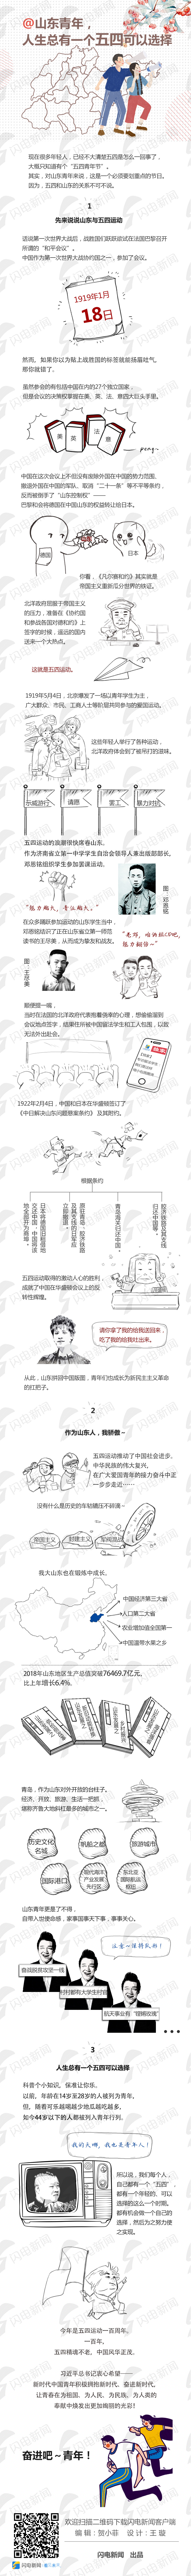 五四青年节策划的副本2.jpg